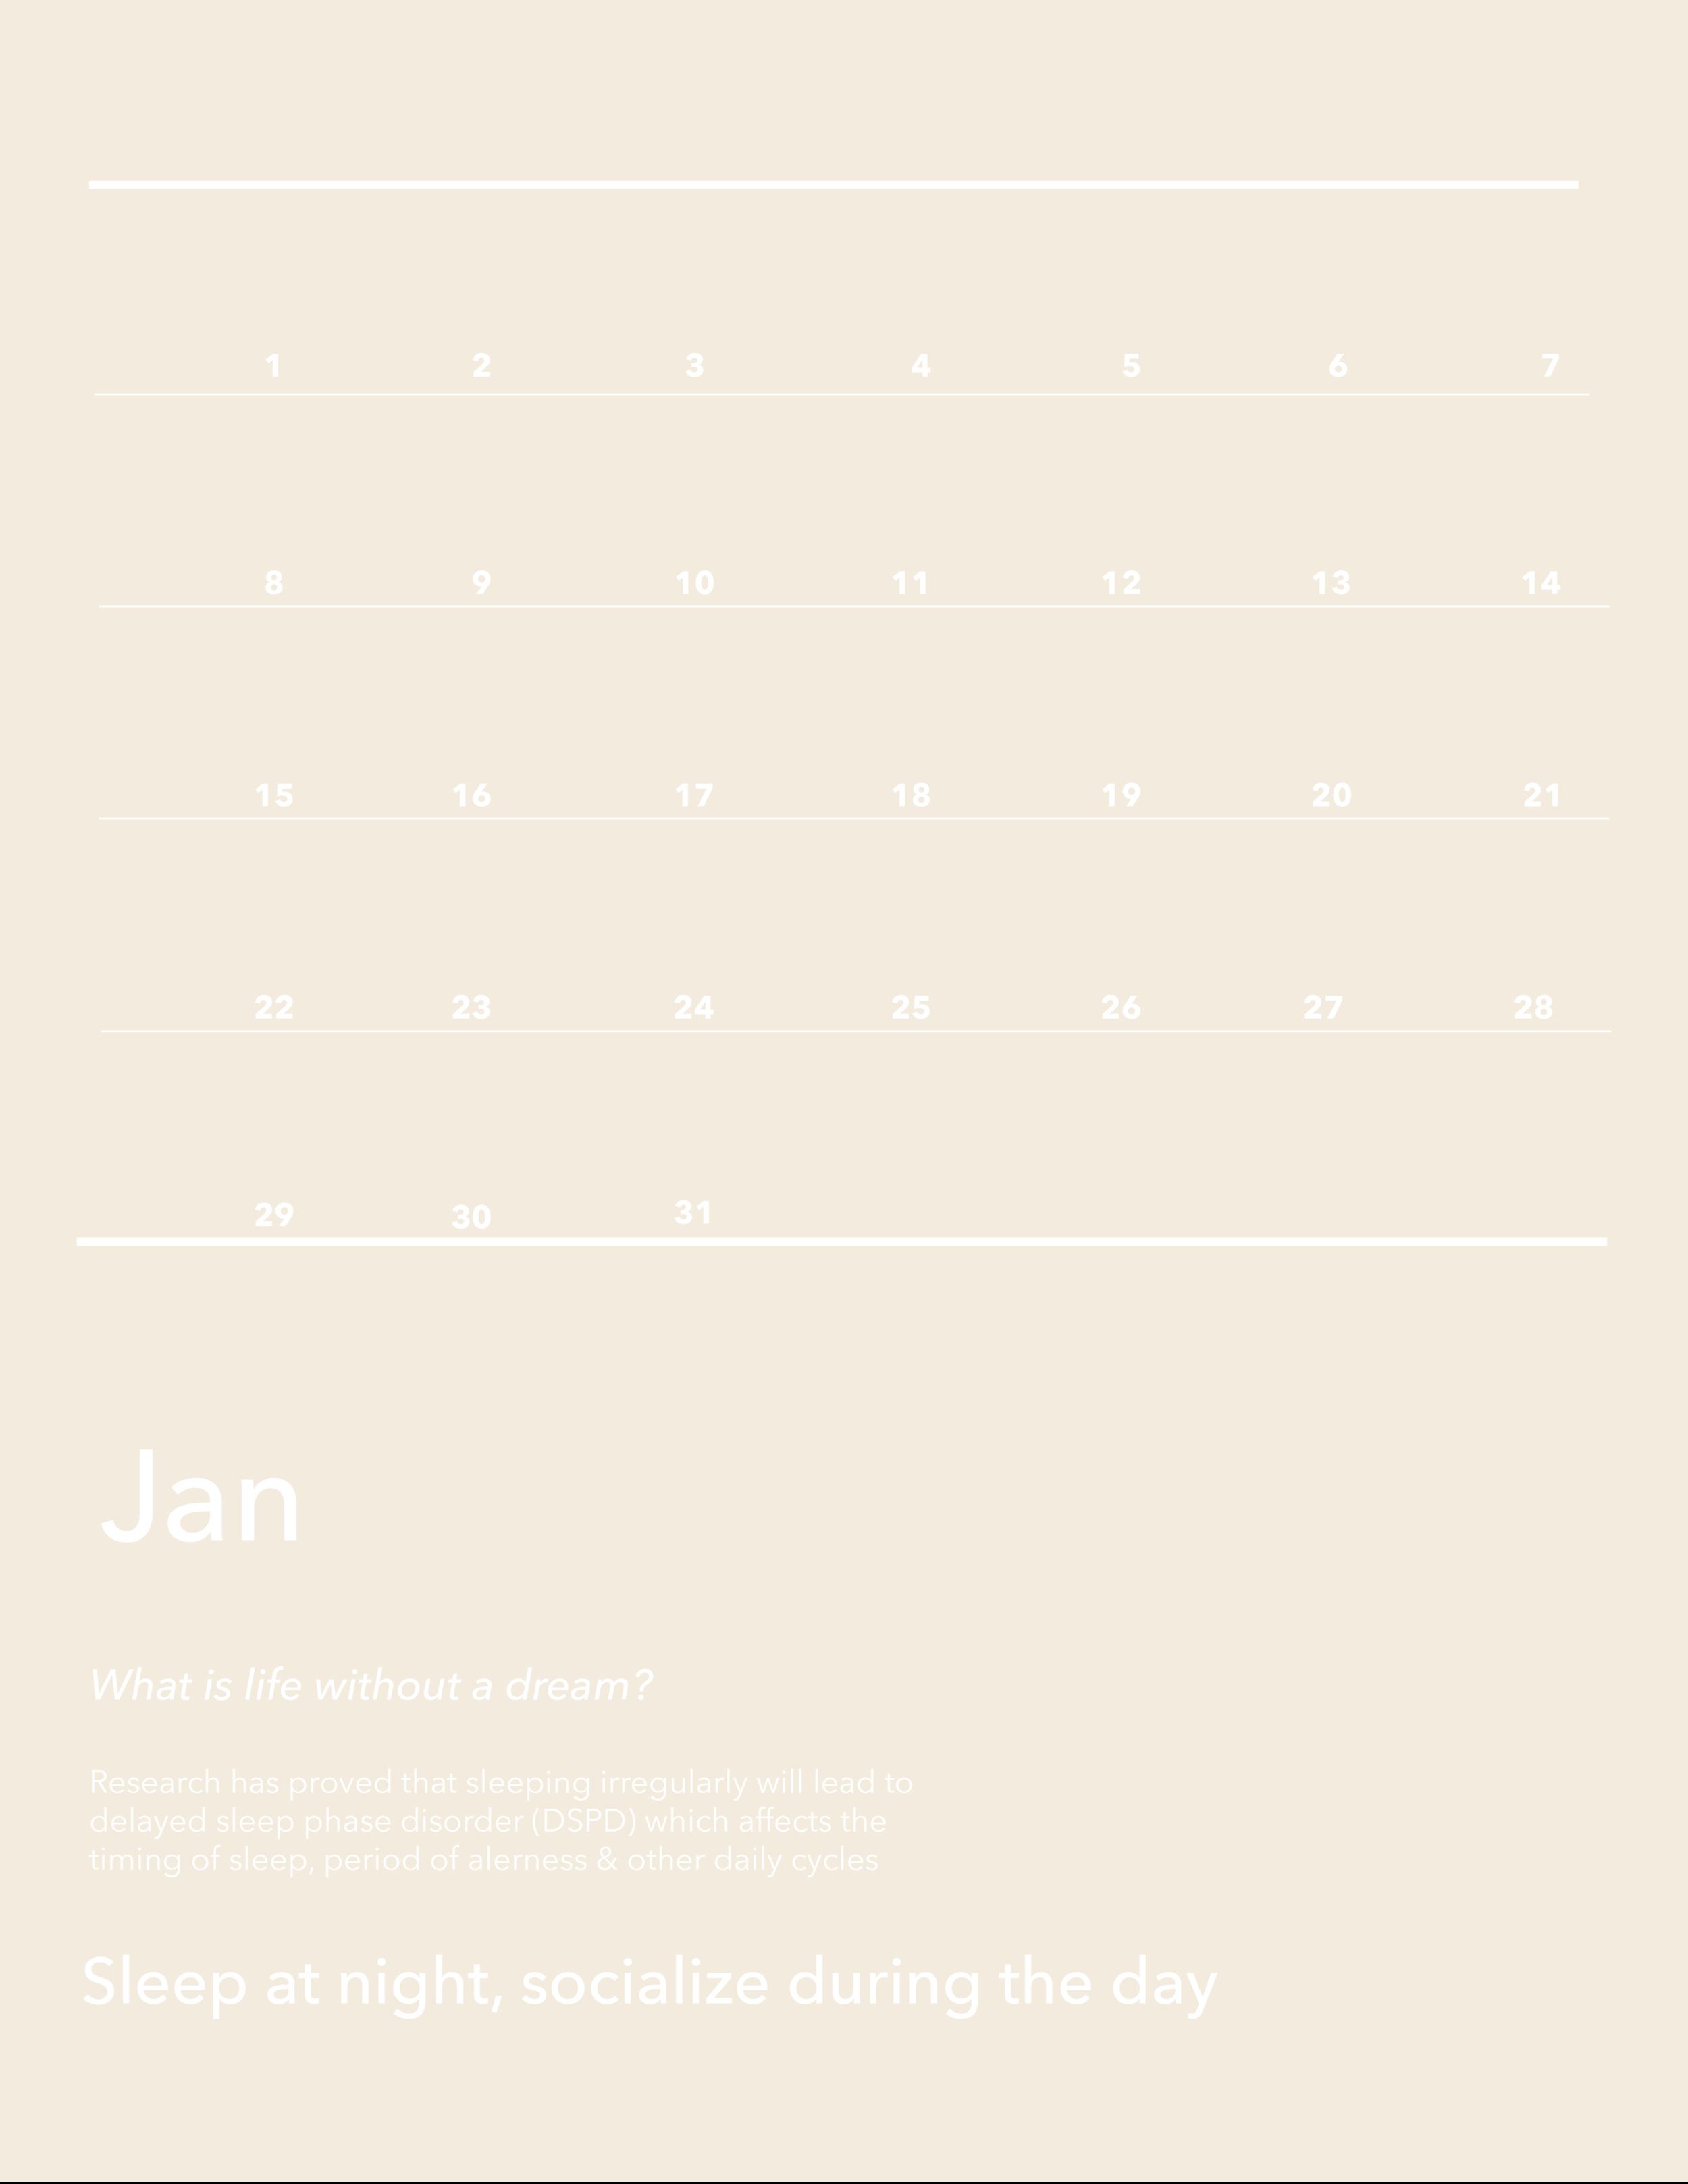 CalendarPoster_nosticker-15.png